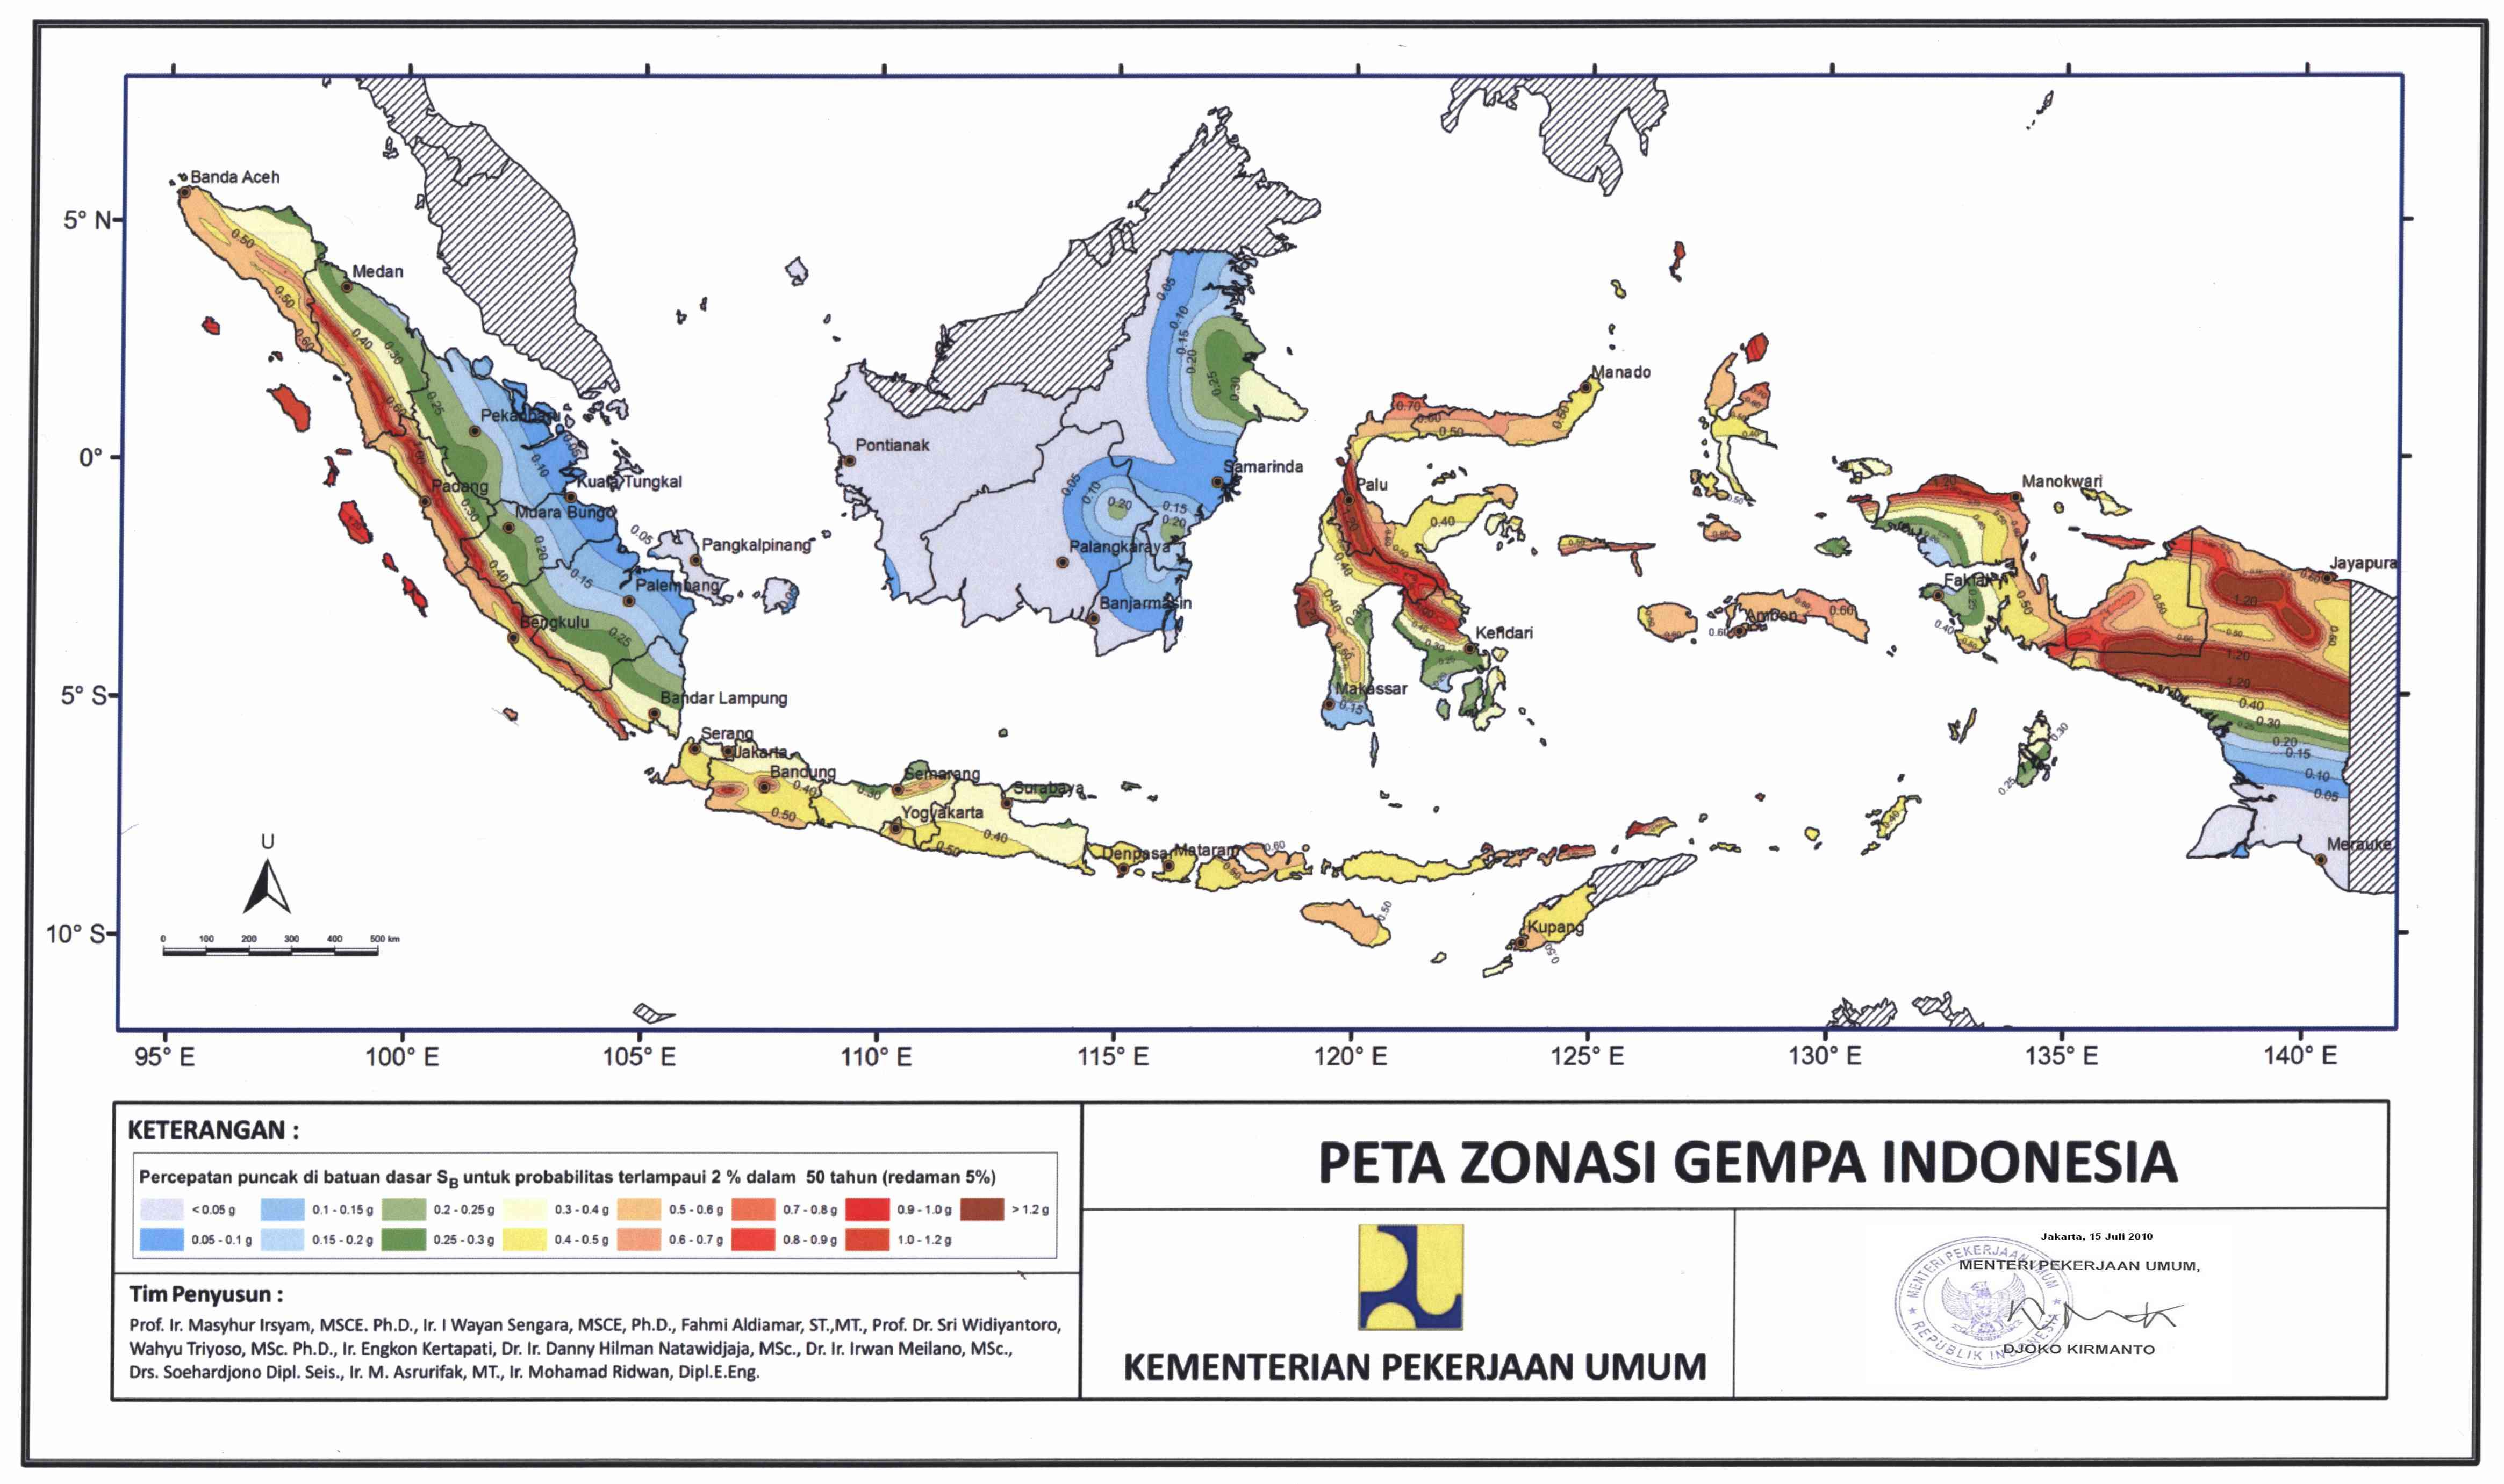 Peta Zonasi Gempa Tahun